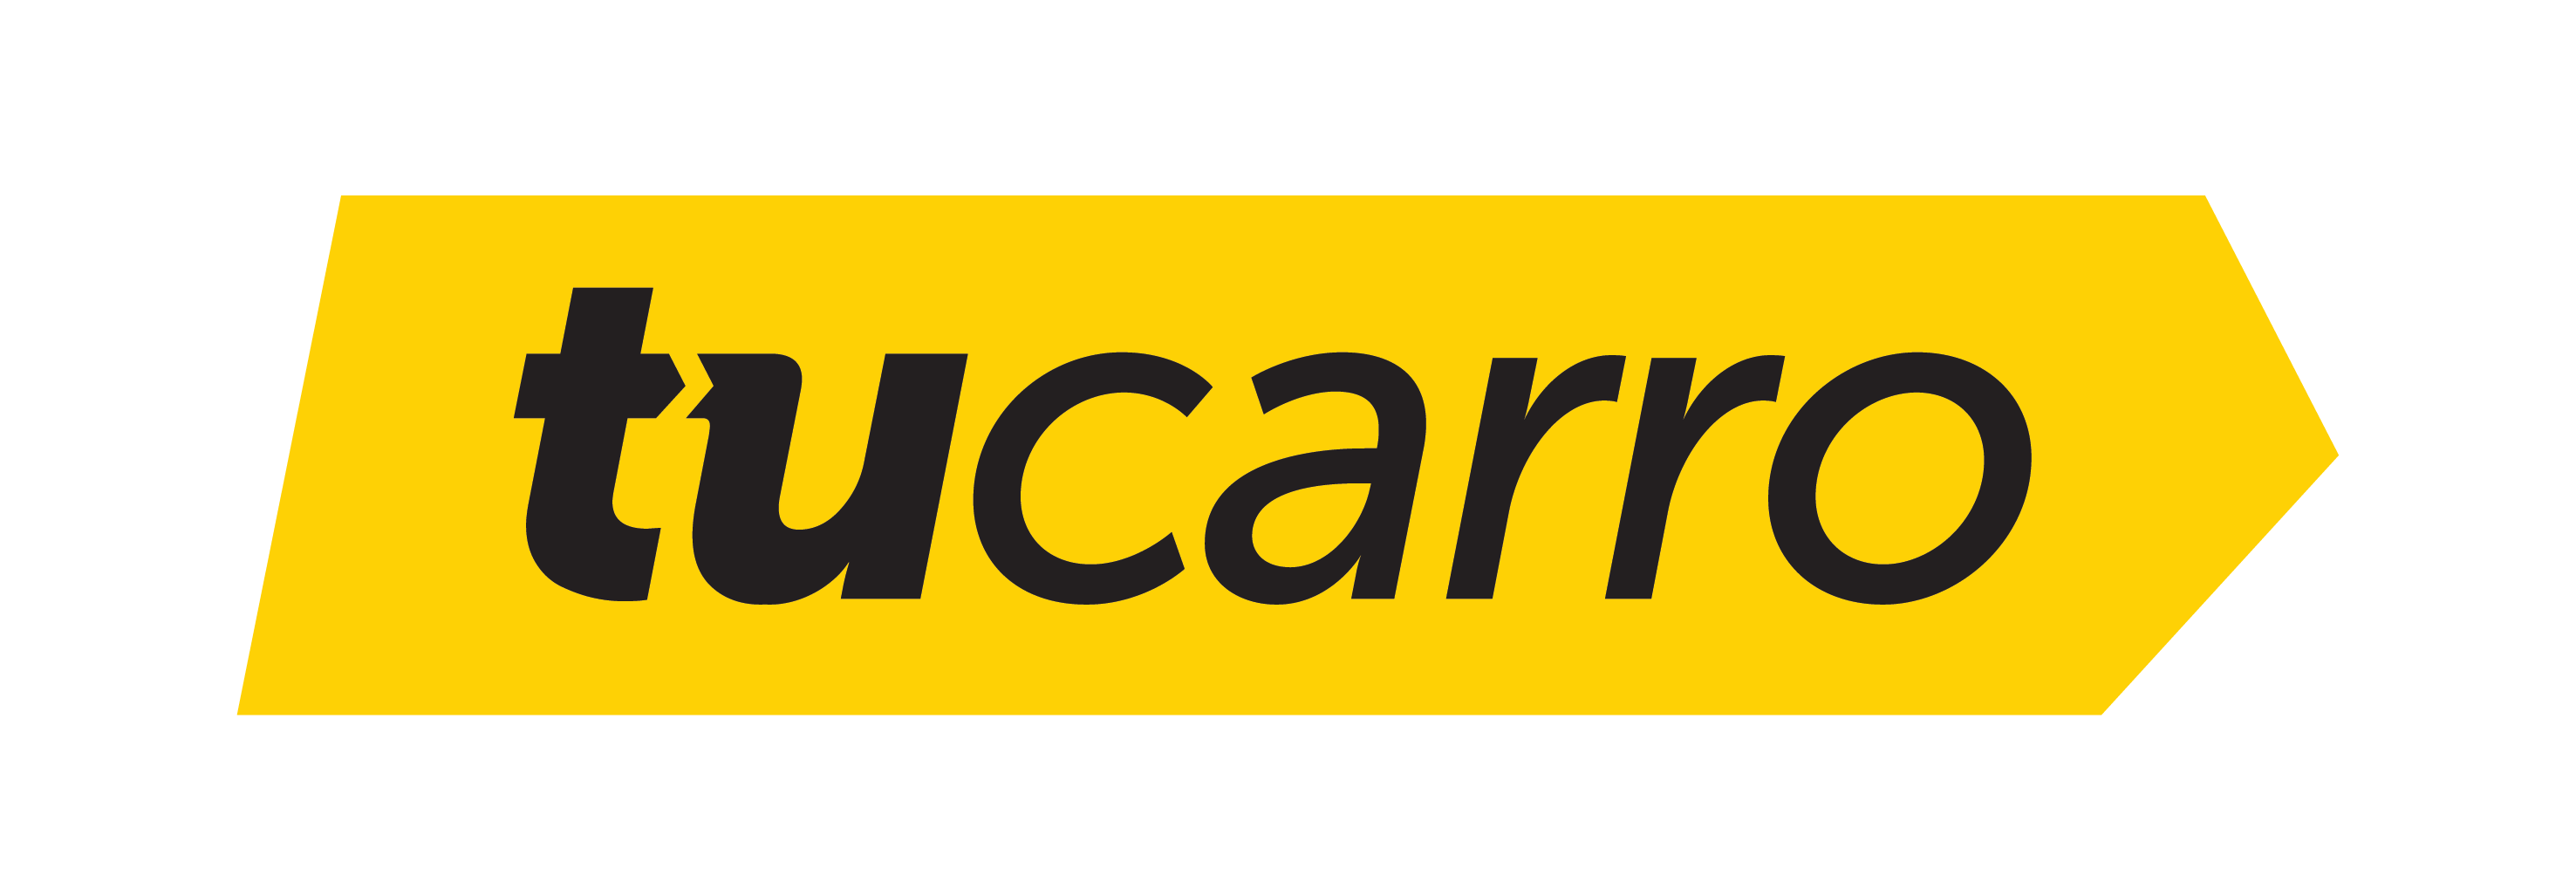 Tucarro.com